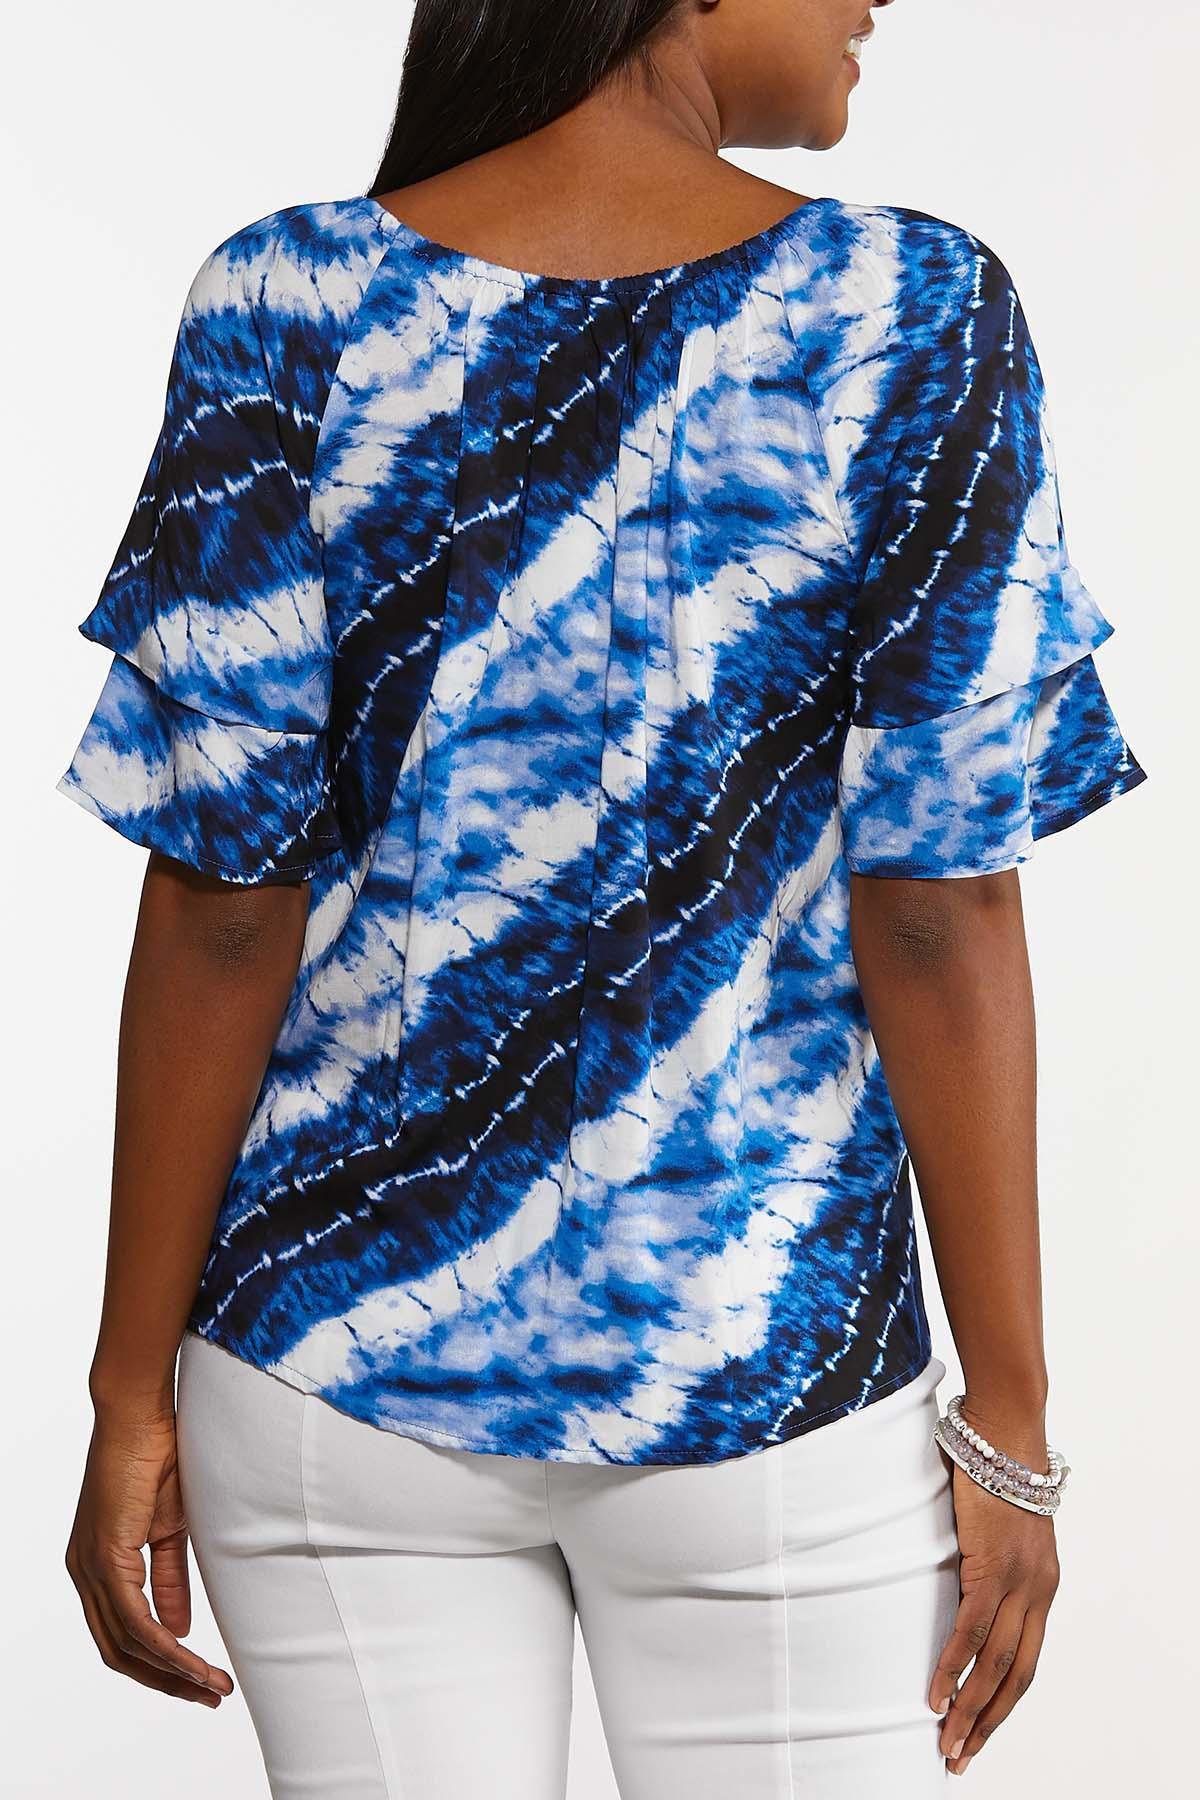 Blue Tie Dye Poet Top (Item #44143004)